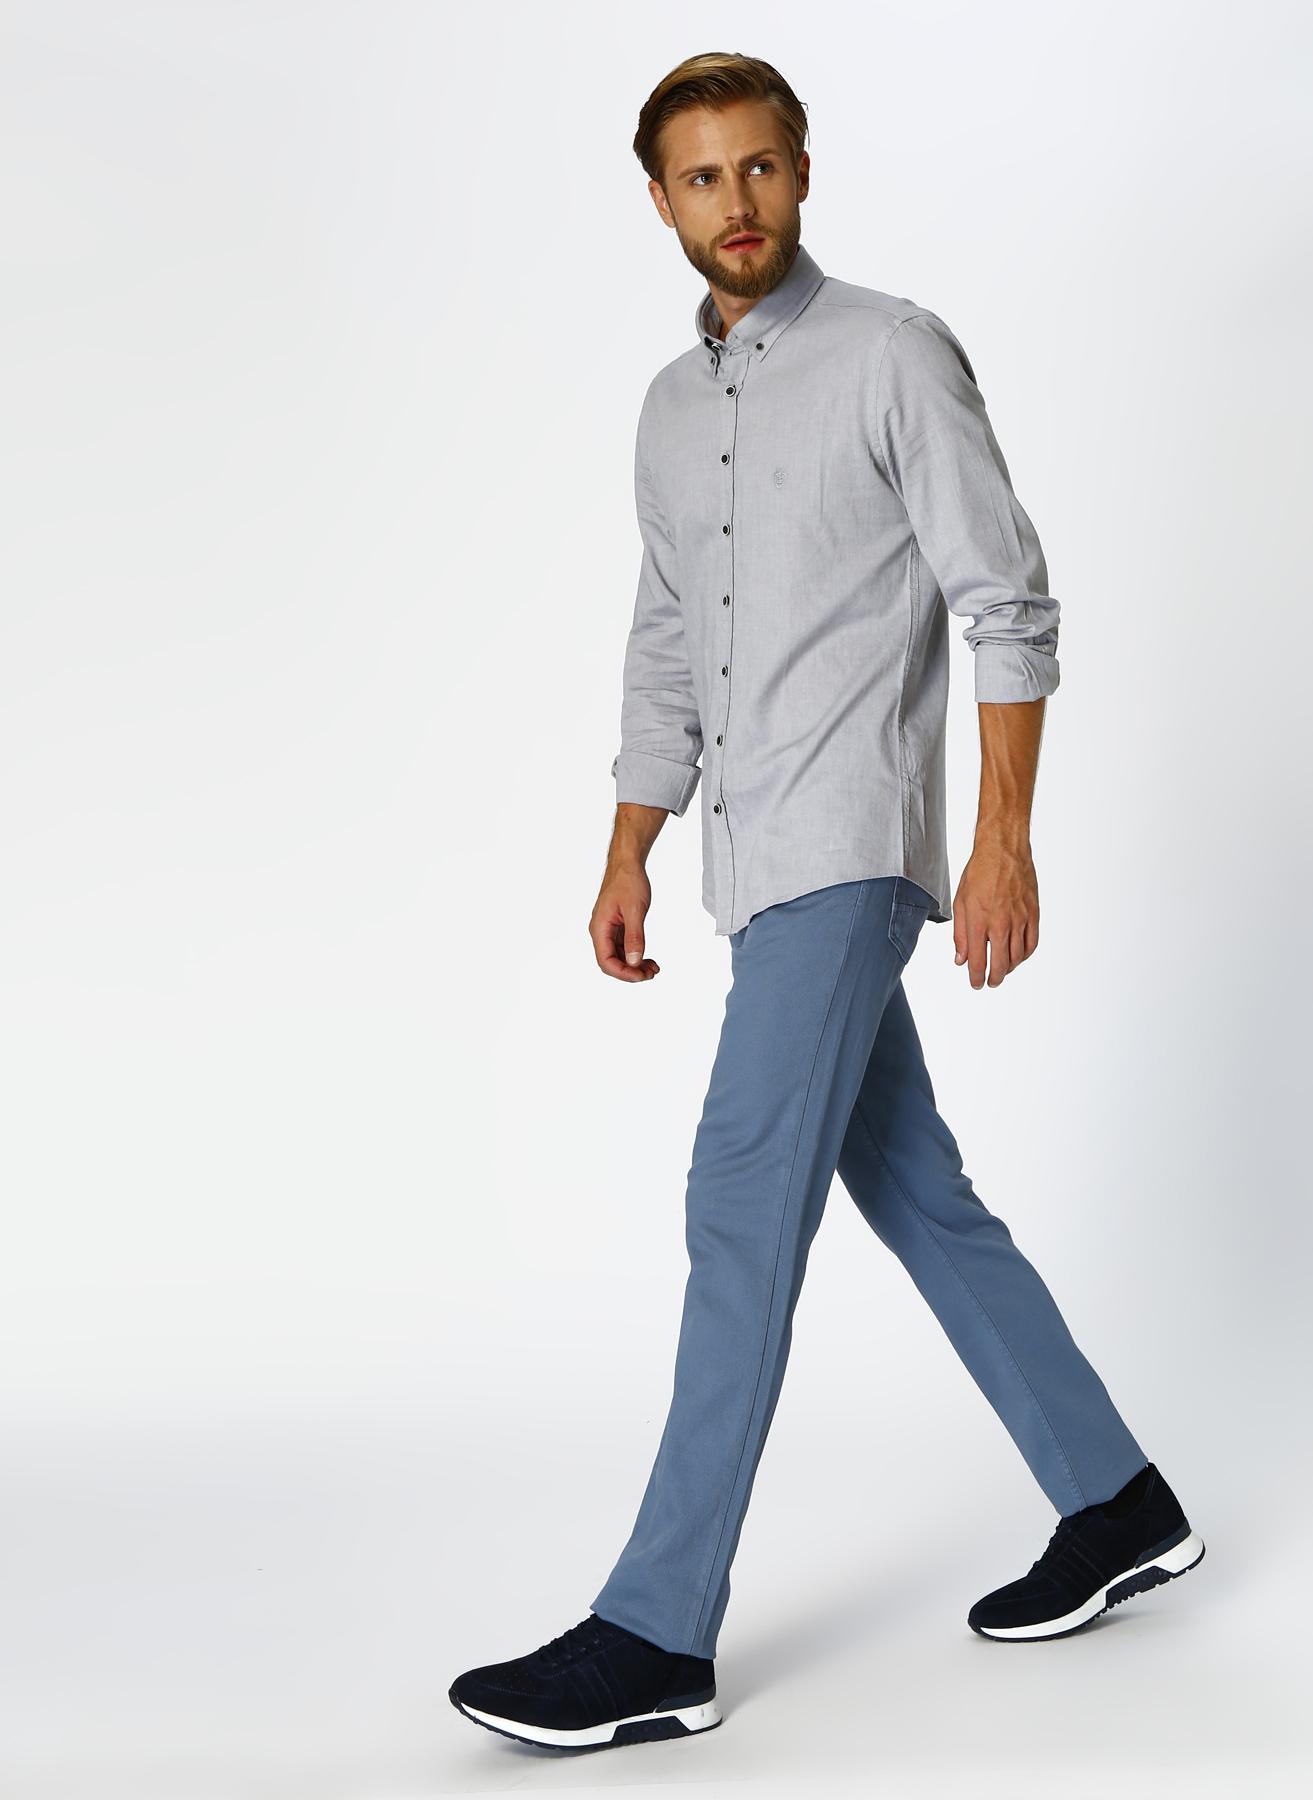 George Hogg Casual Mavi Klasik Pantolon 31-33 5002303387001 Ürün Resmi